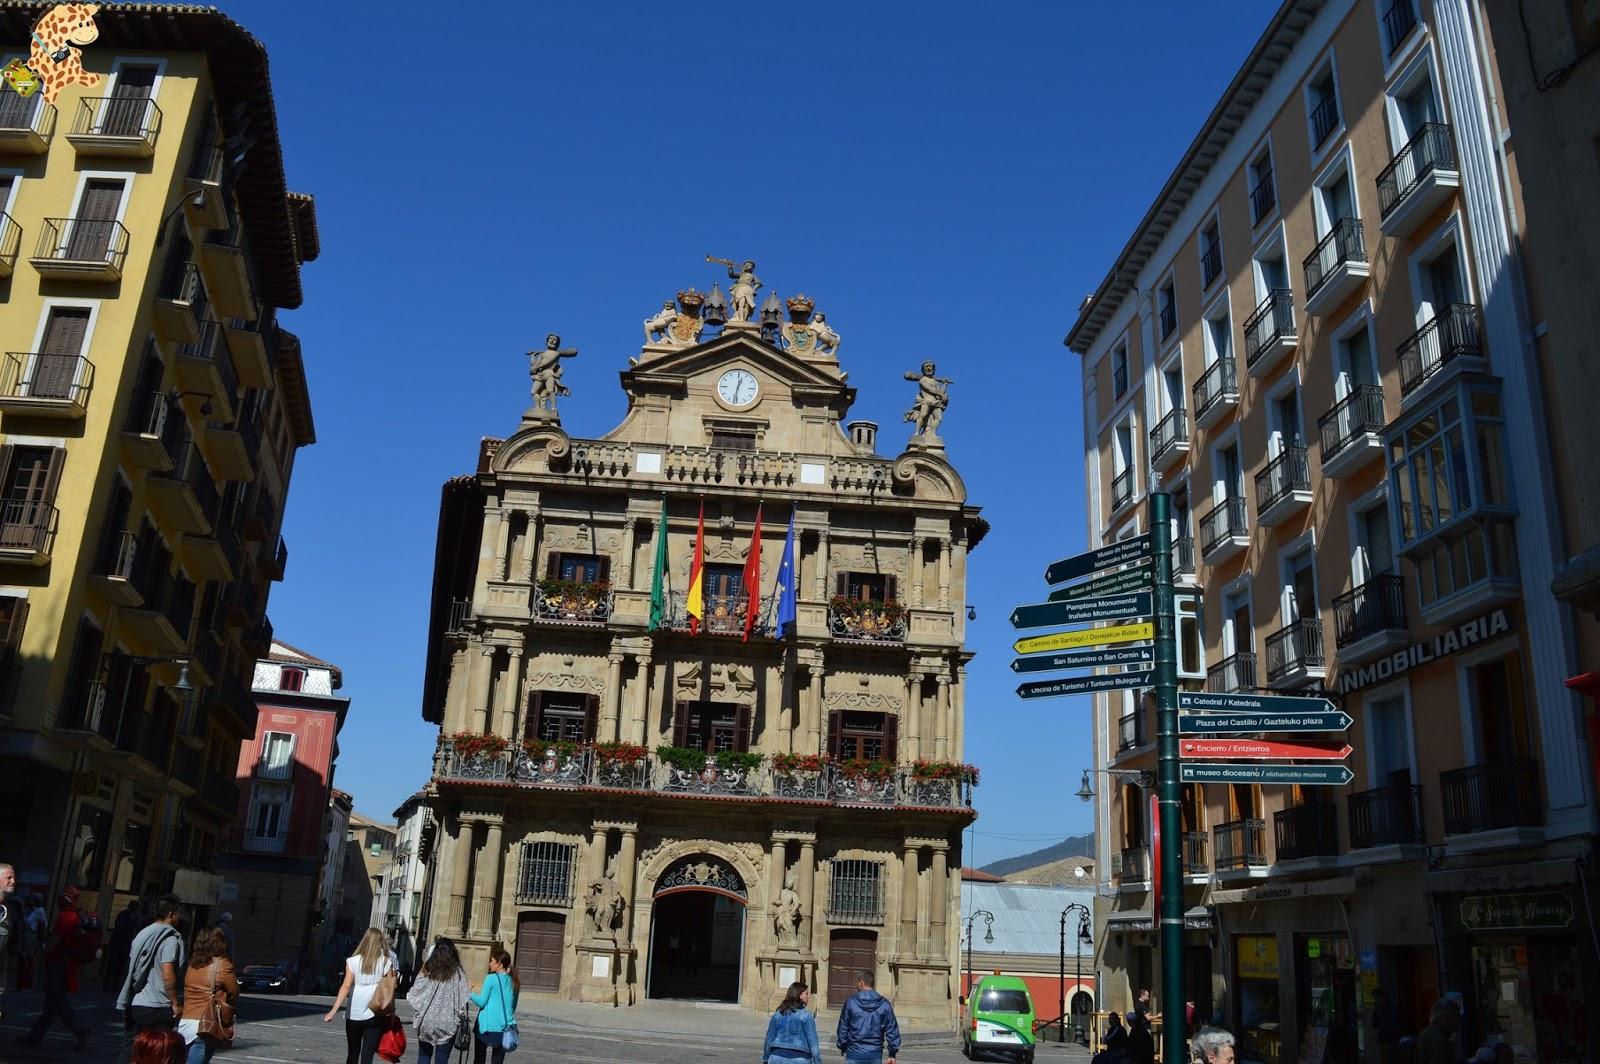 quC3A9verenpamplonaen1dia281029 - Qué ver en Pamplona?